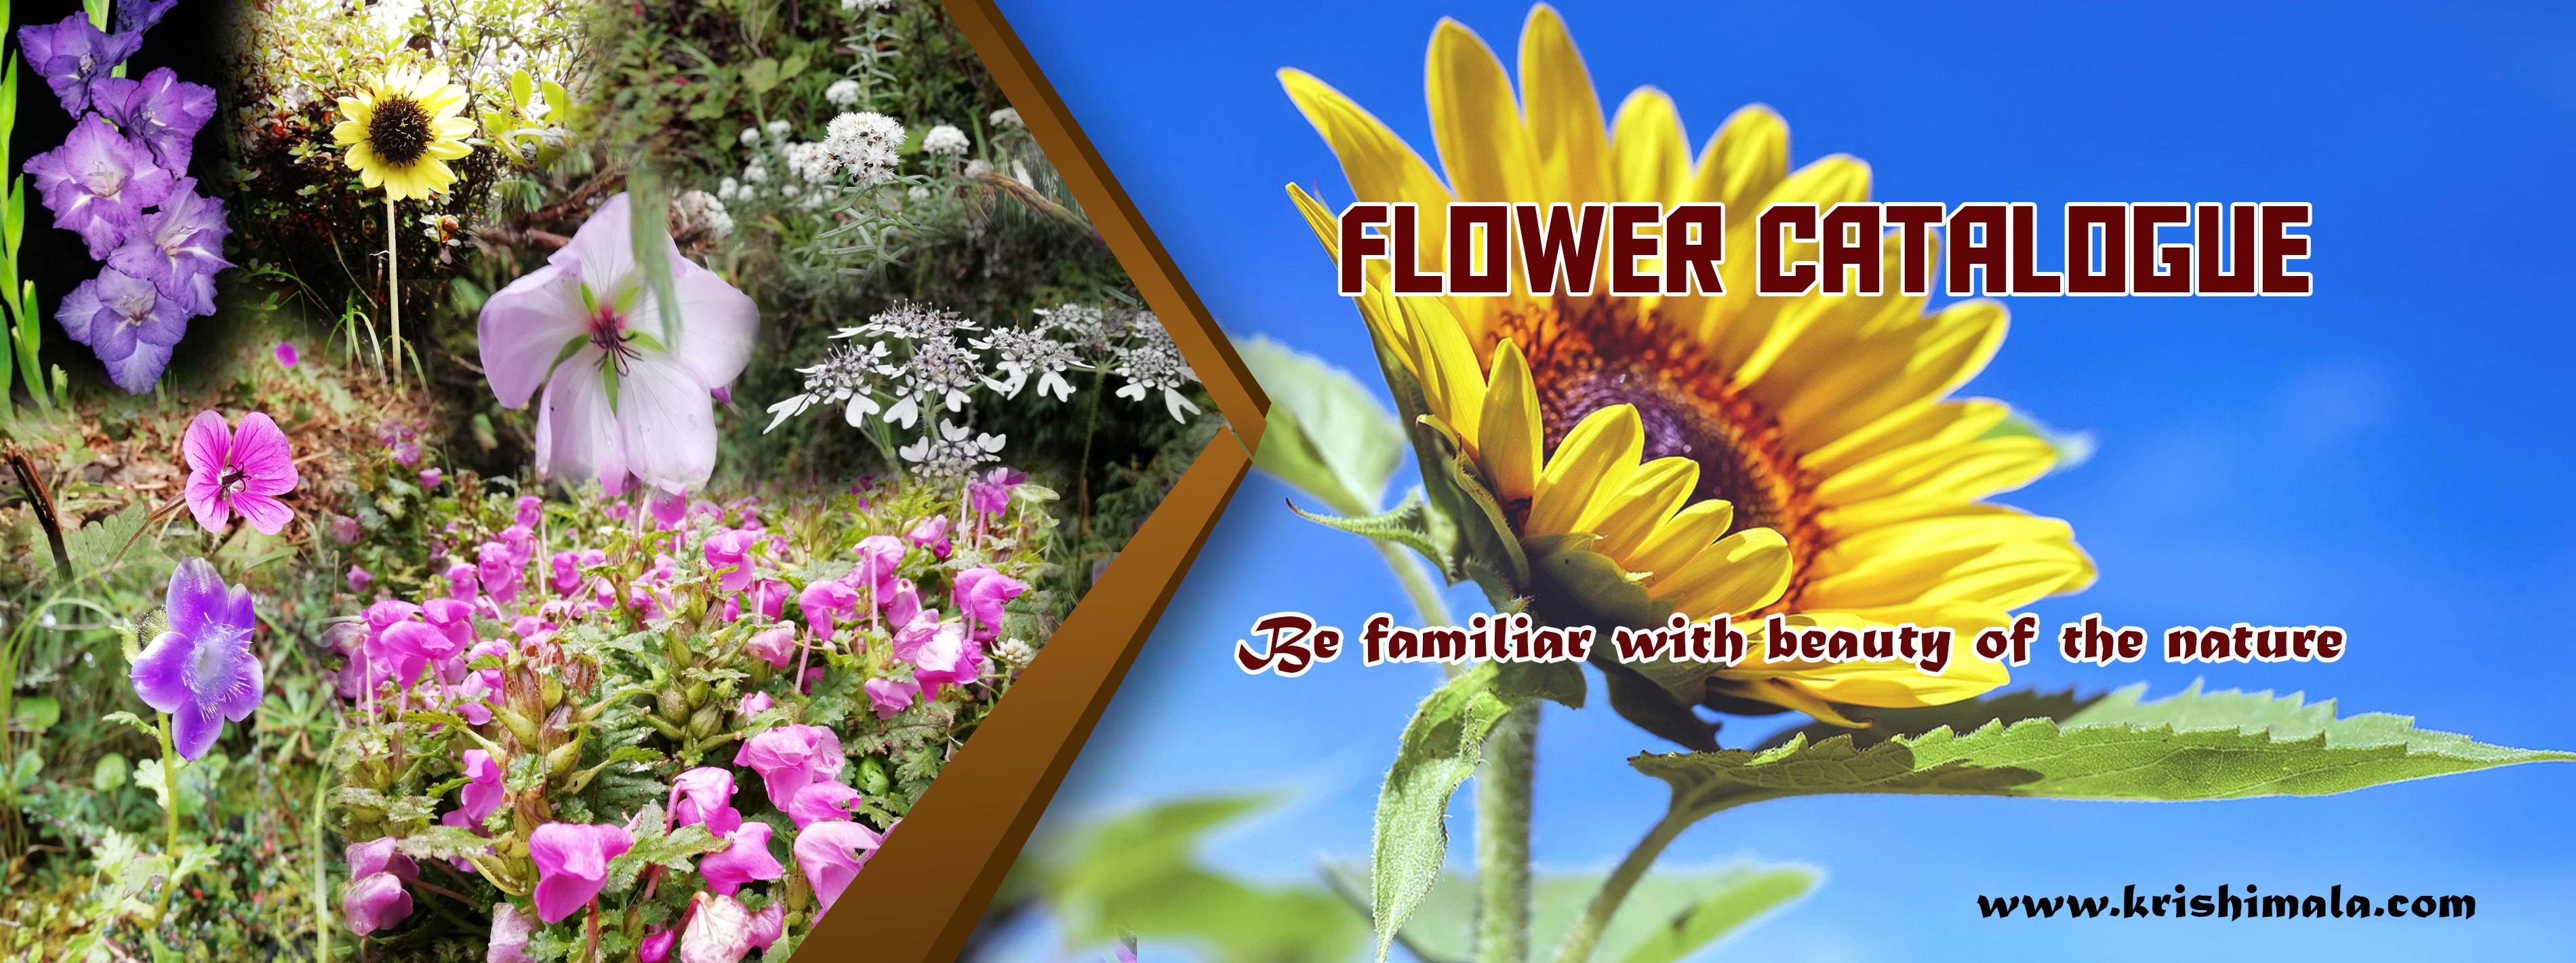 flower catalogue.jpg